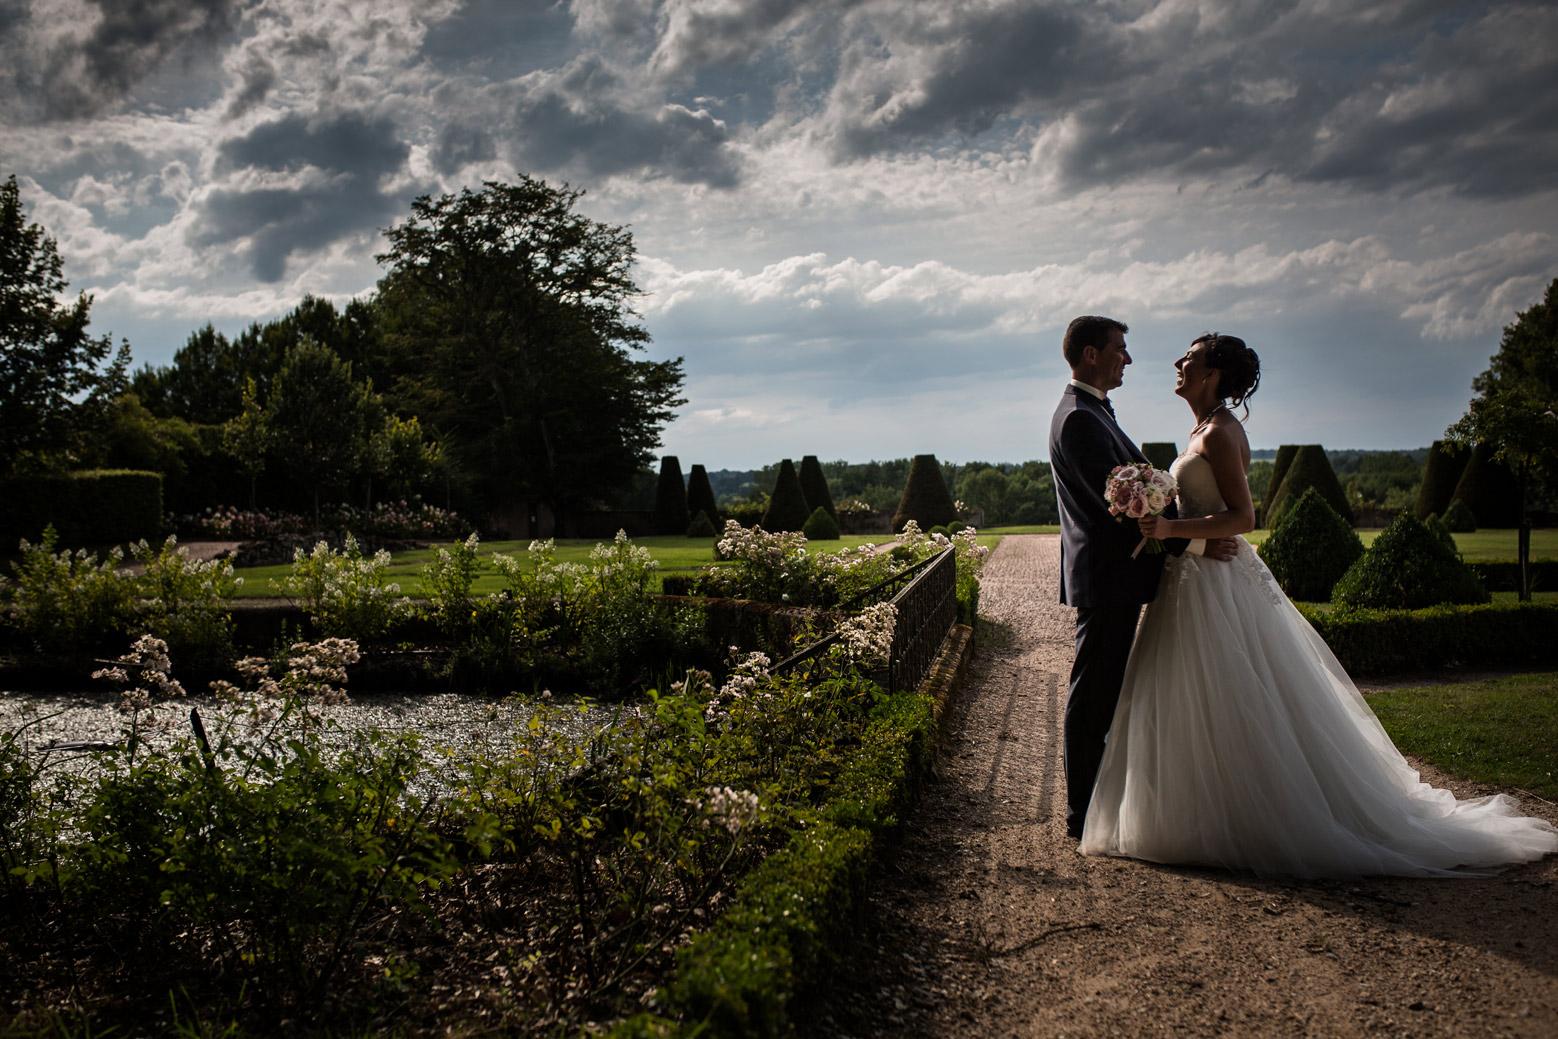 Photographe de mariage au château de Beauvoir - Charlotte & Pierre. reportage photo d'un mariage au château de Beauvoir à Saint Pourçain sur Besbre